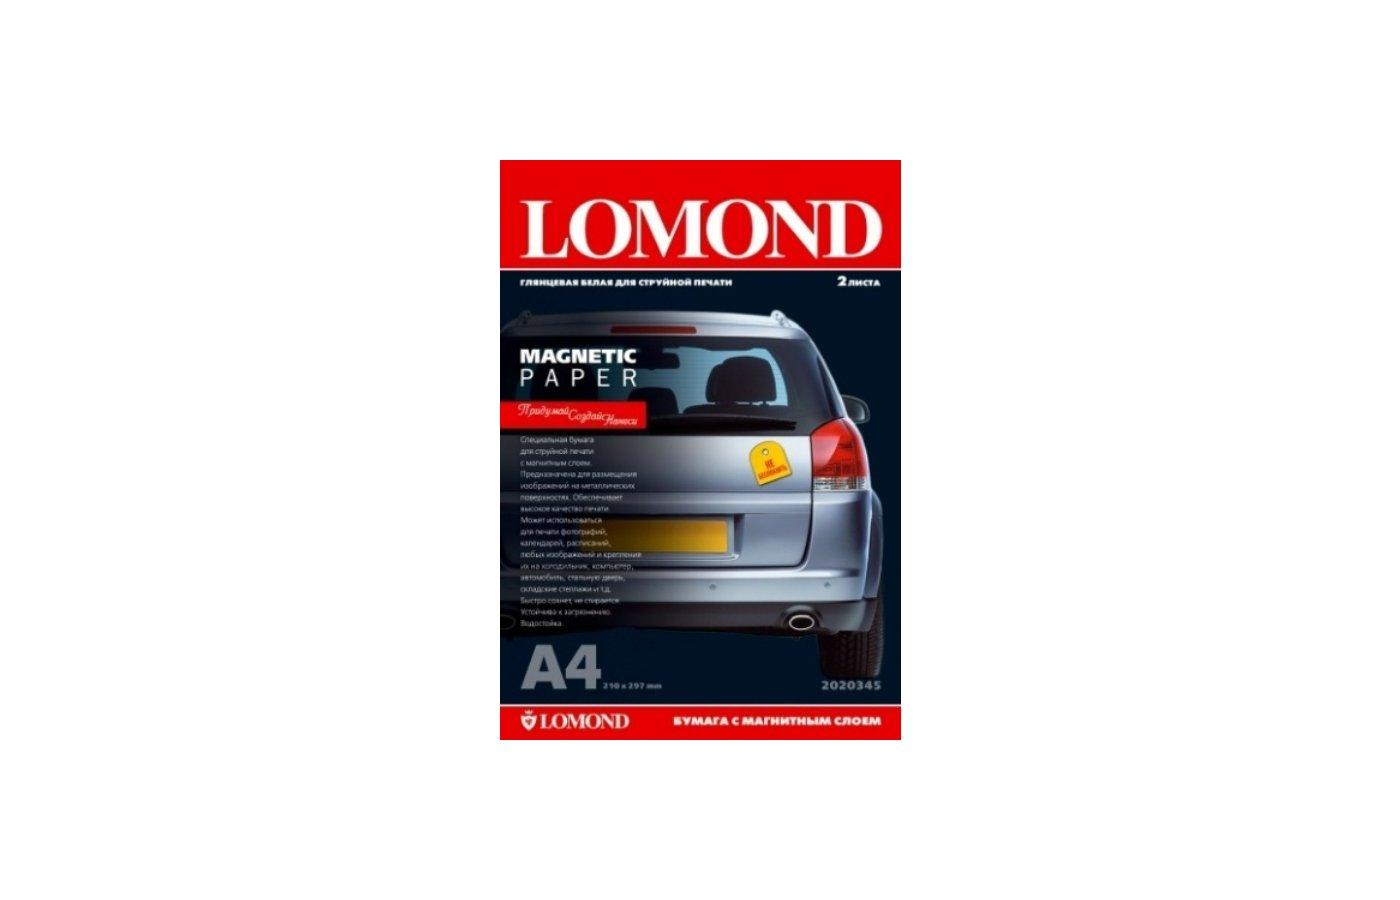 Фотобумага Lomond 2020345 A4/660г/м2/2л./белый глянцевое/магнитный слой для струйной печати